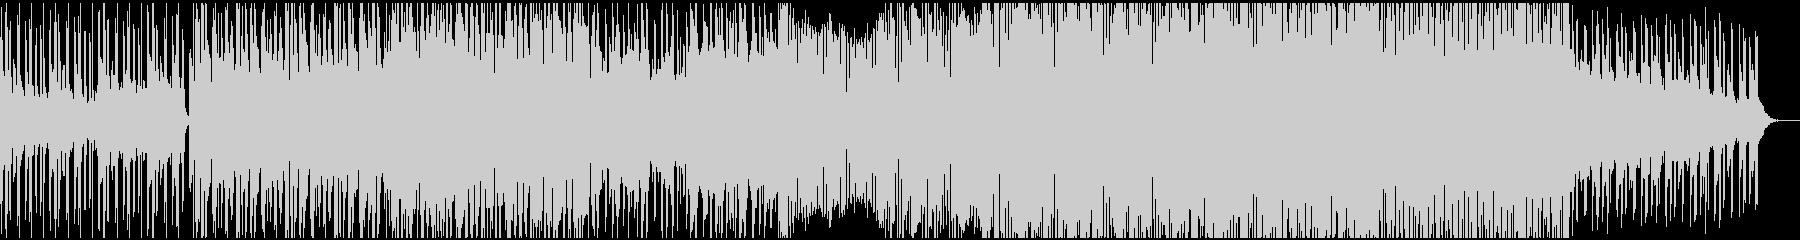 クールドラマティックなフューチャービートの未再生の波形